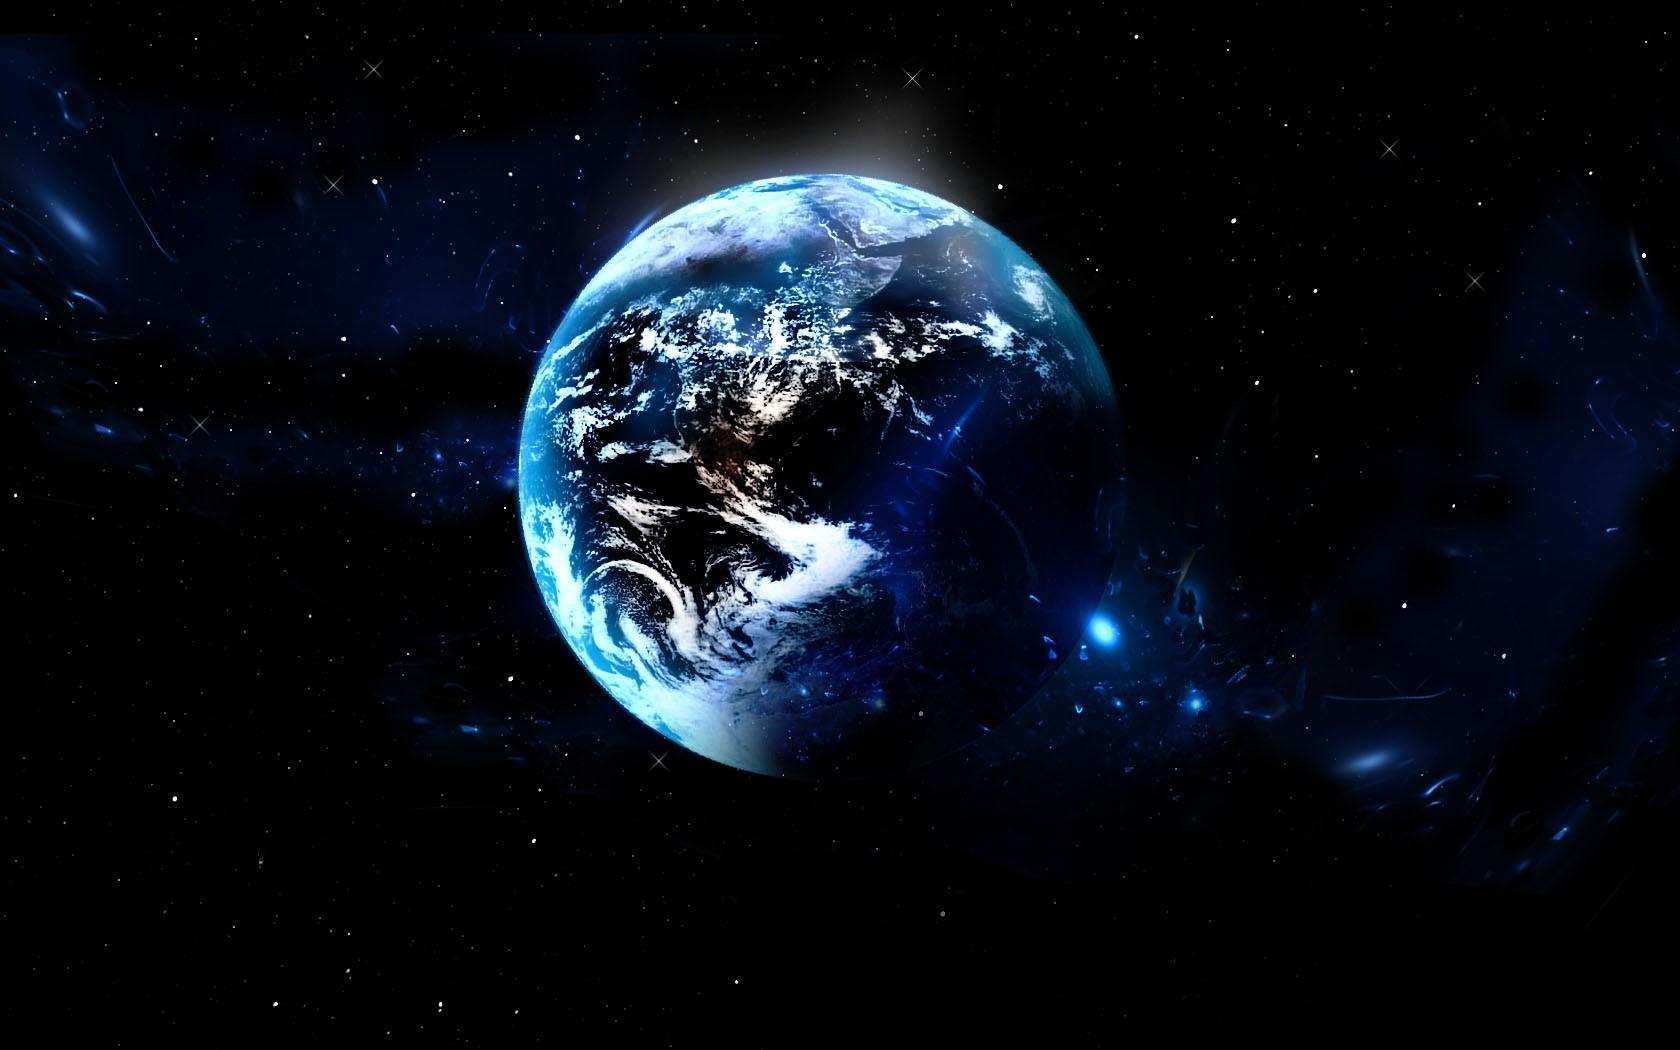 Earth ipad wallpaper hd